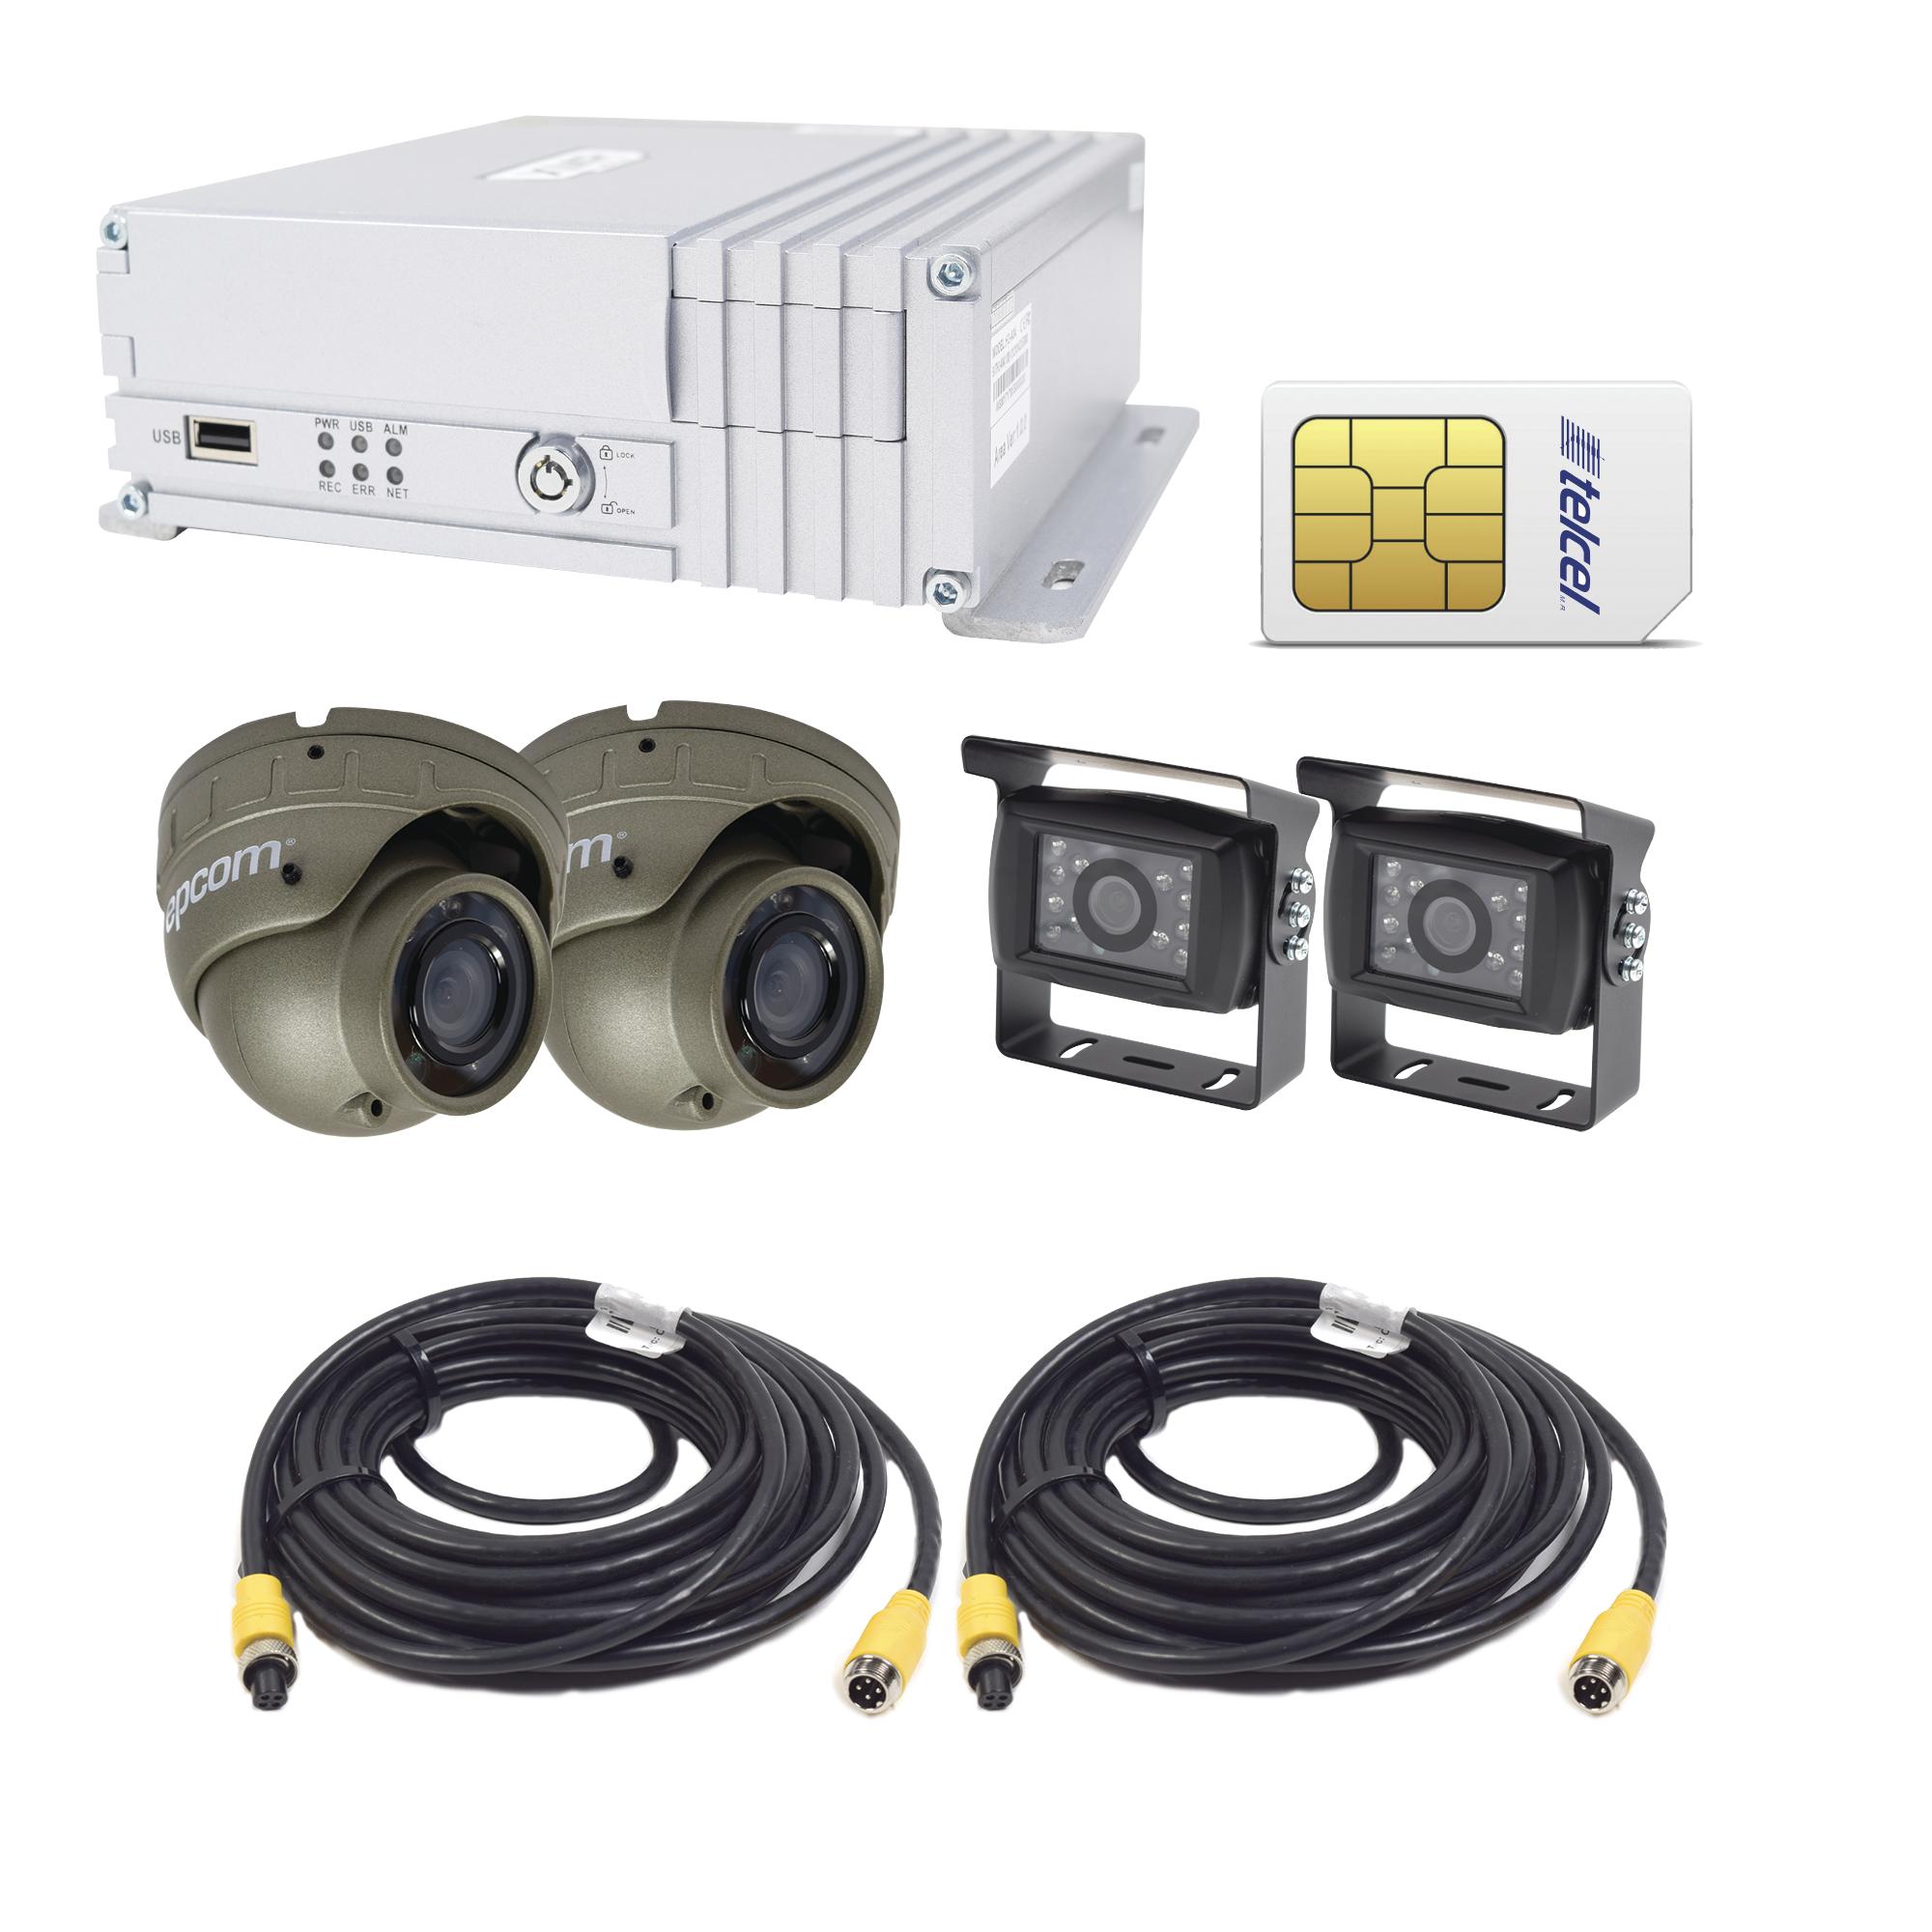 Sistema de videovigilancia móvil AHD todo en uno, incluye MDVR de 4 canales, 2 cámaras para interior AHD, dos cámaras para exterior AHD  e incluye sim de datos Telcel de 10G